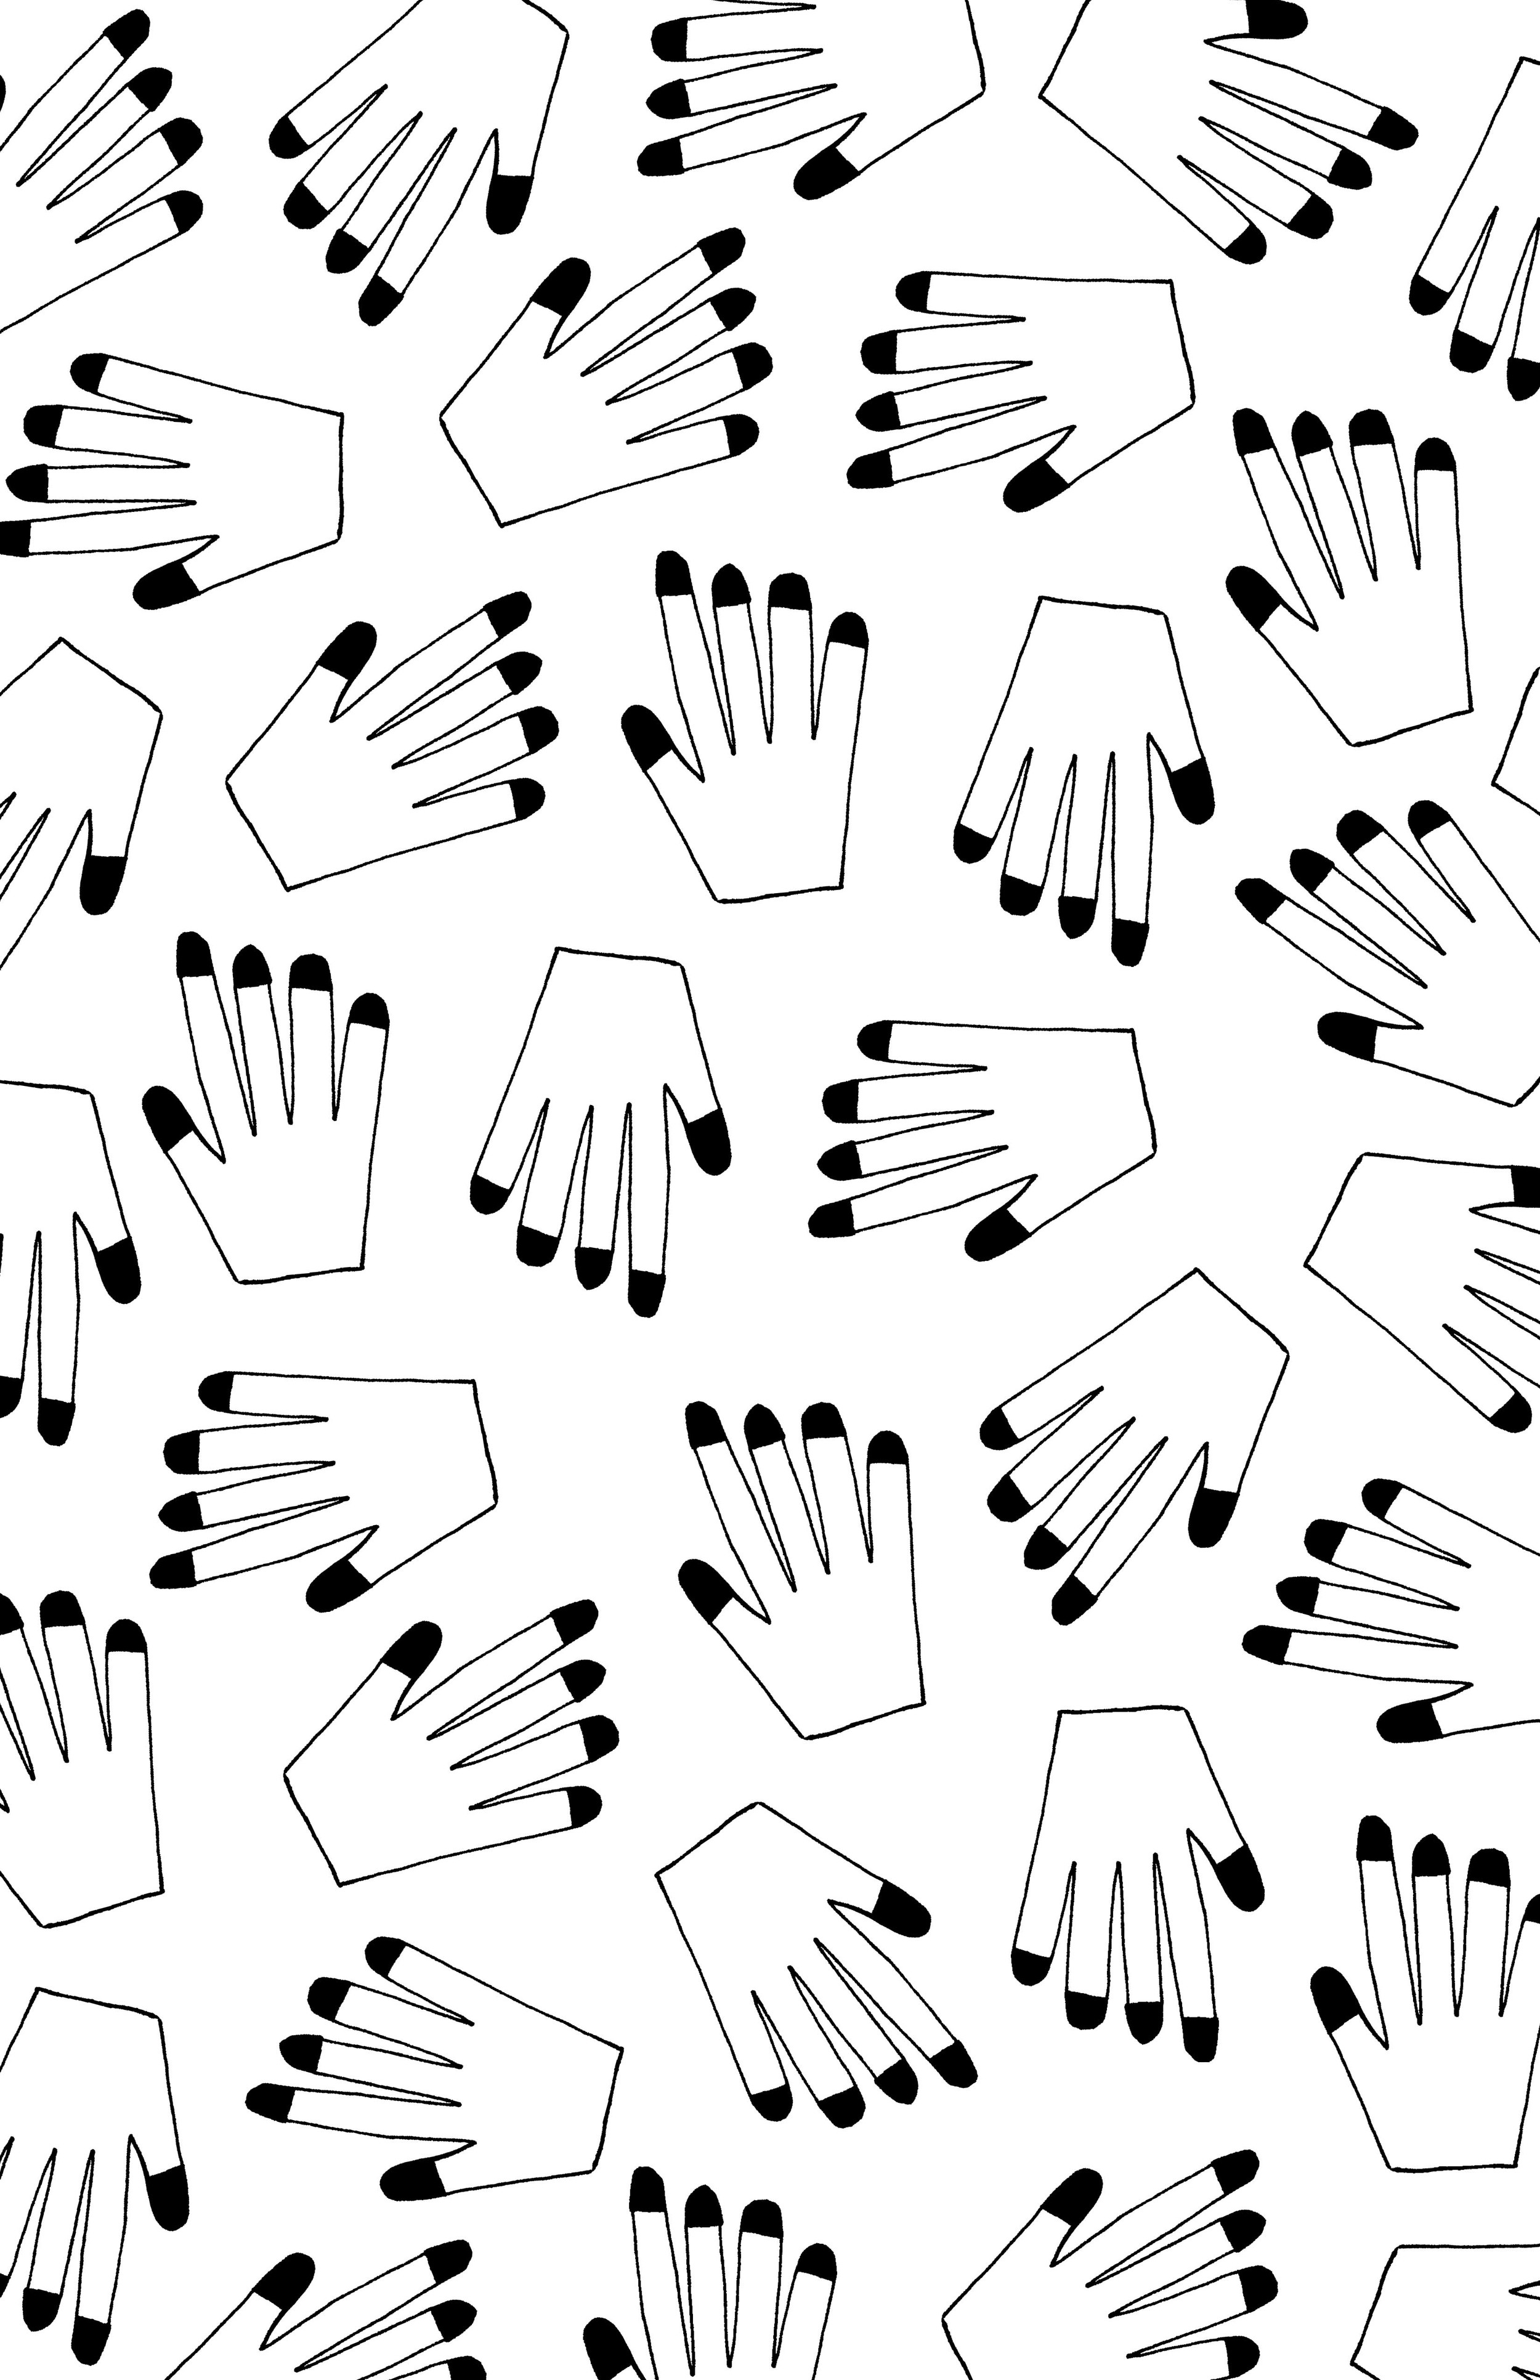 Tossed hands White .jpg